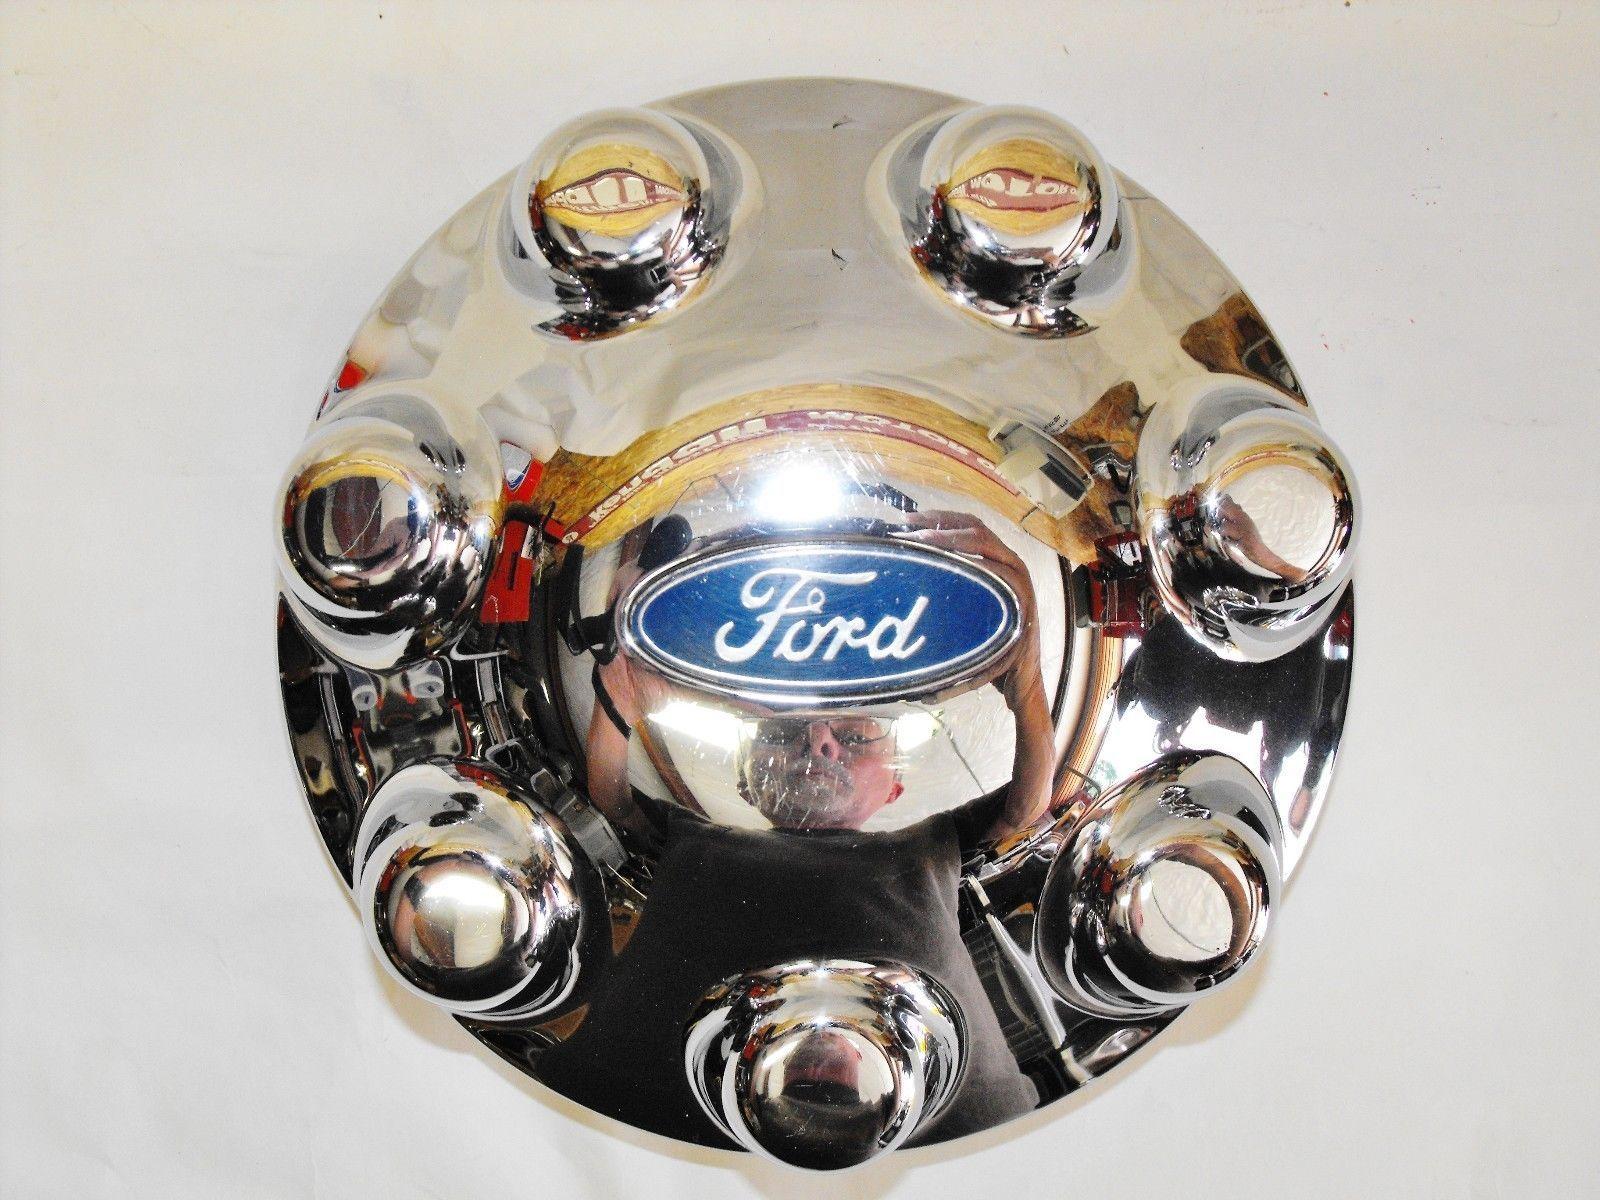 1997 2004 Ford Truck F150 F250 Center Hub Cap 7 Lug Hubcap F75a 1a096 Bd Motors Parts Accessories Yl34 1a096 Ja Ford Trucks F150 Hub Caps Ford Truck